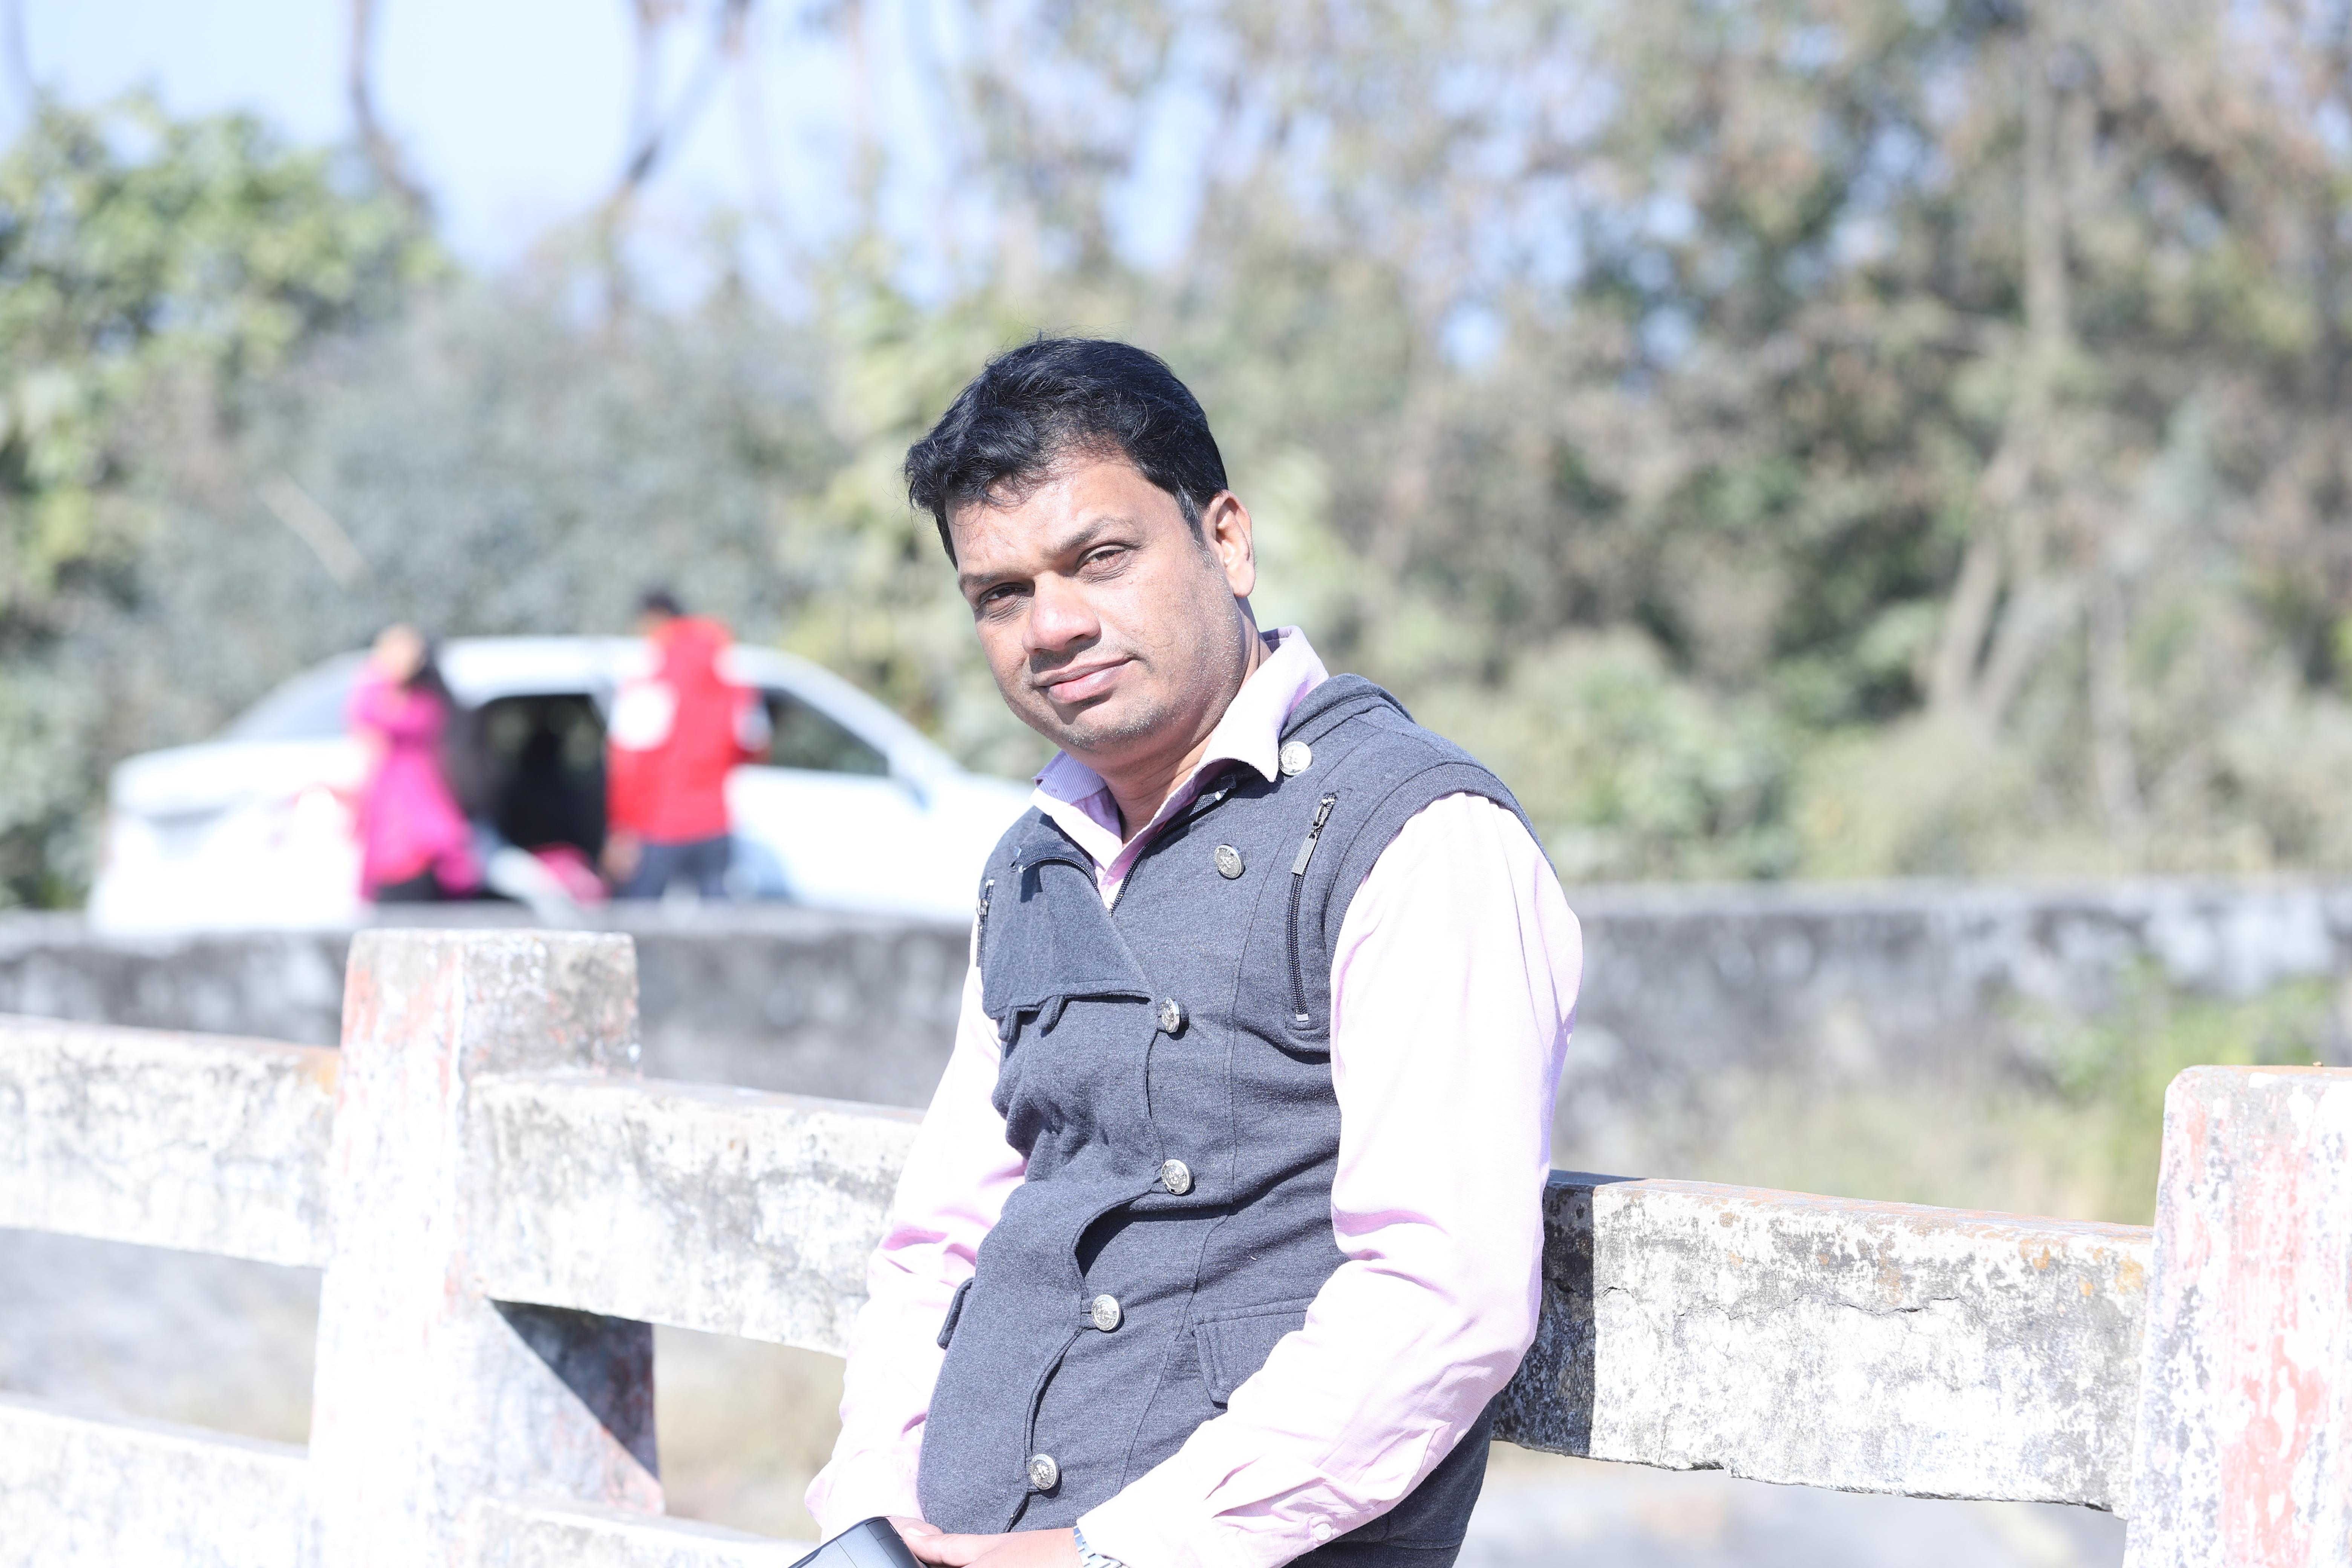 Chhaya photo studio